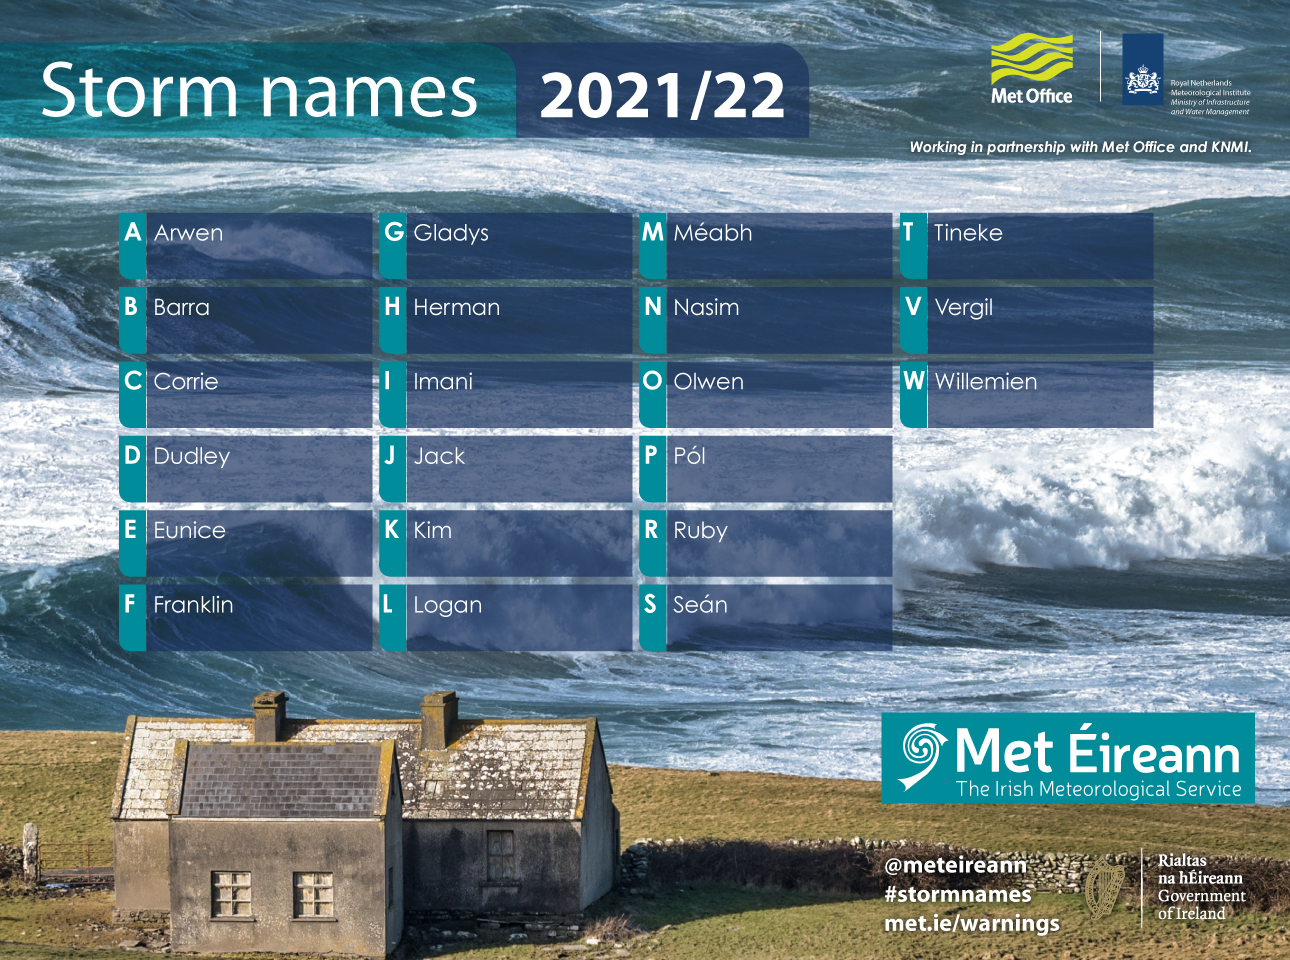 Storm names